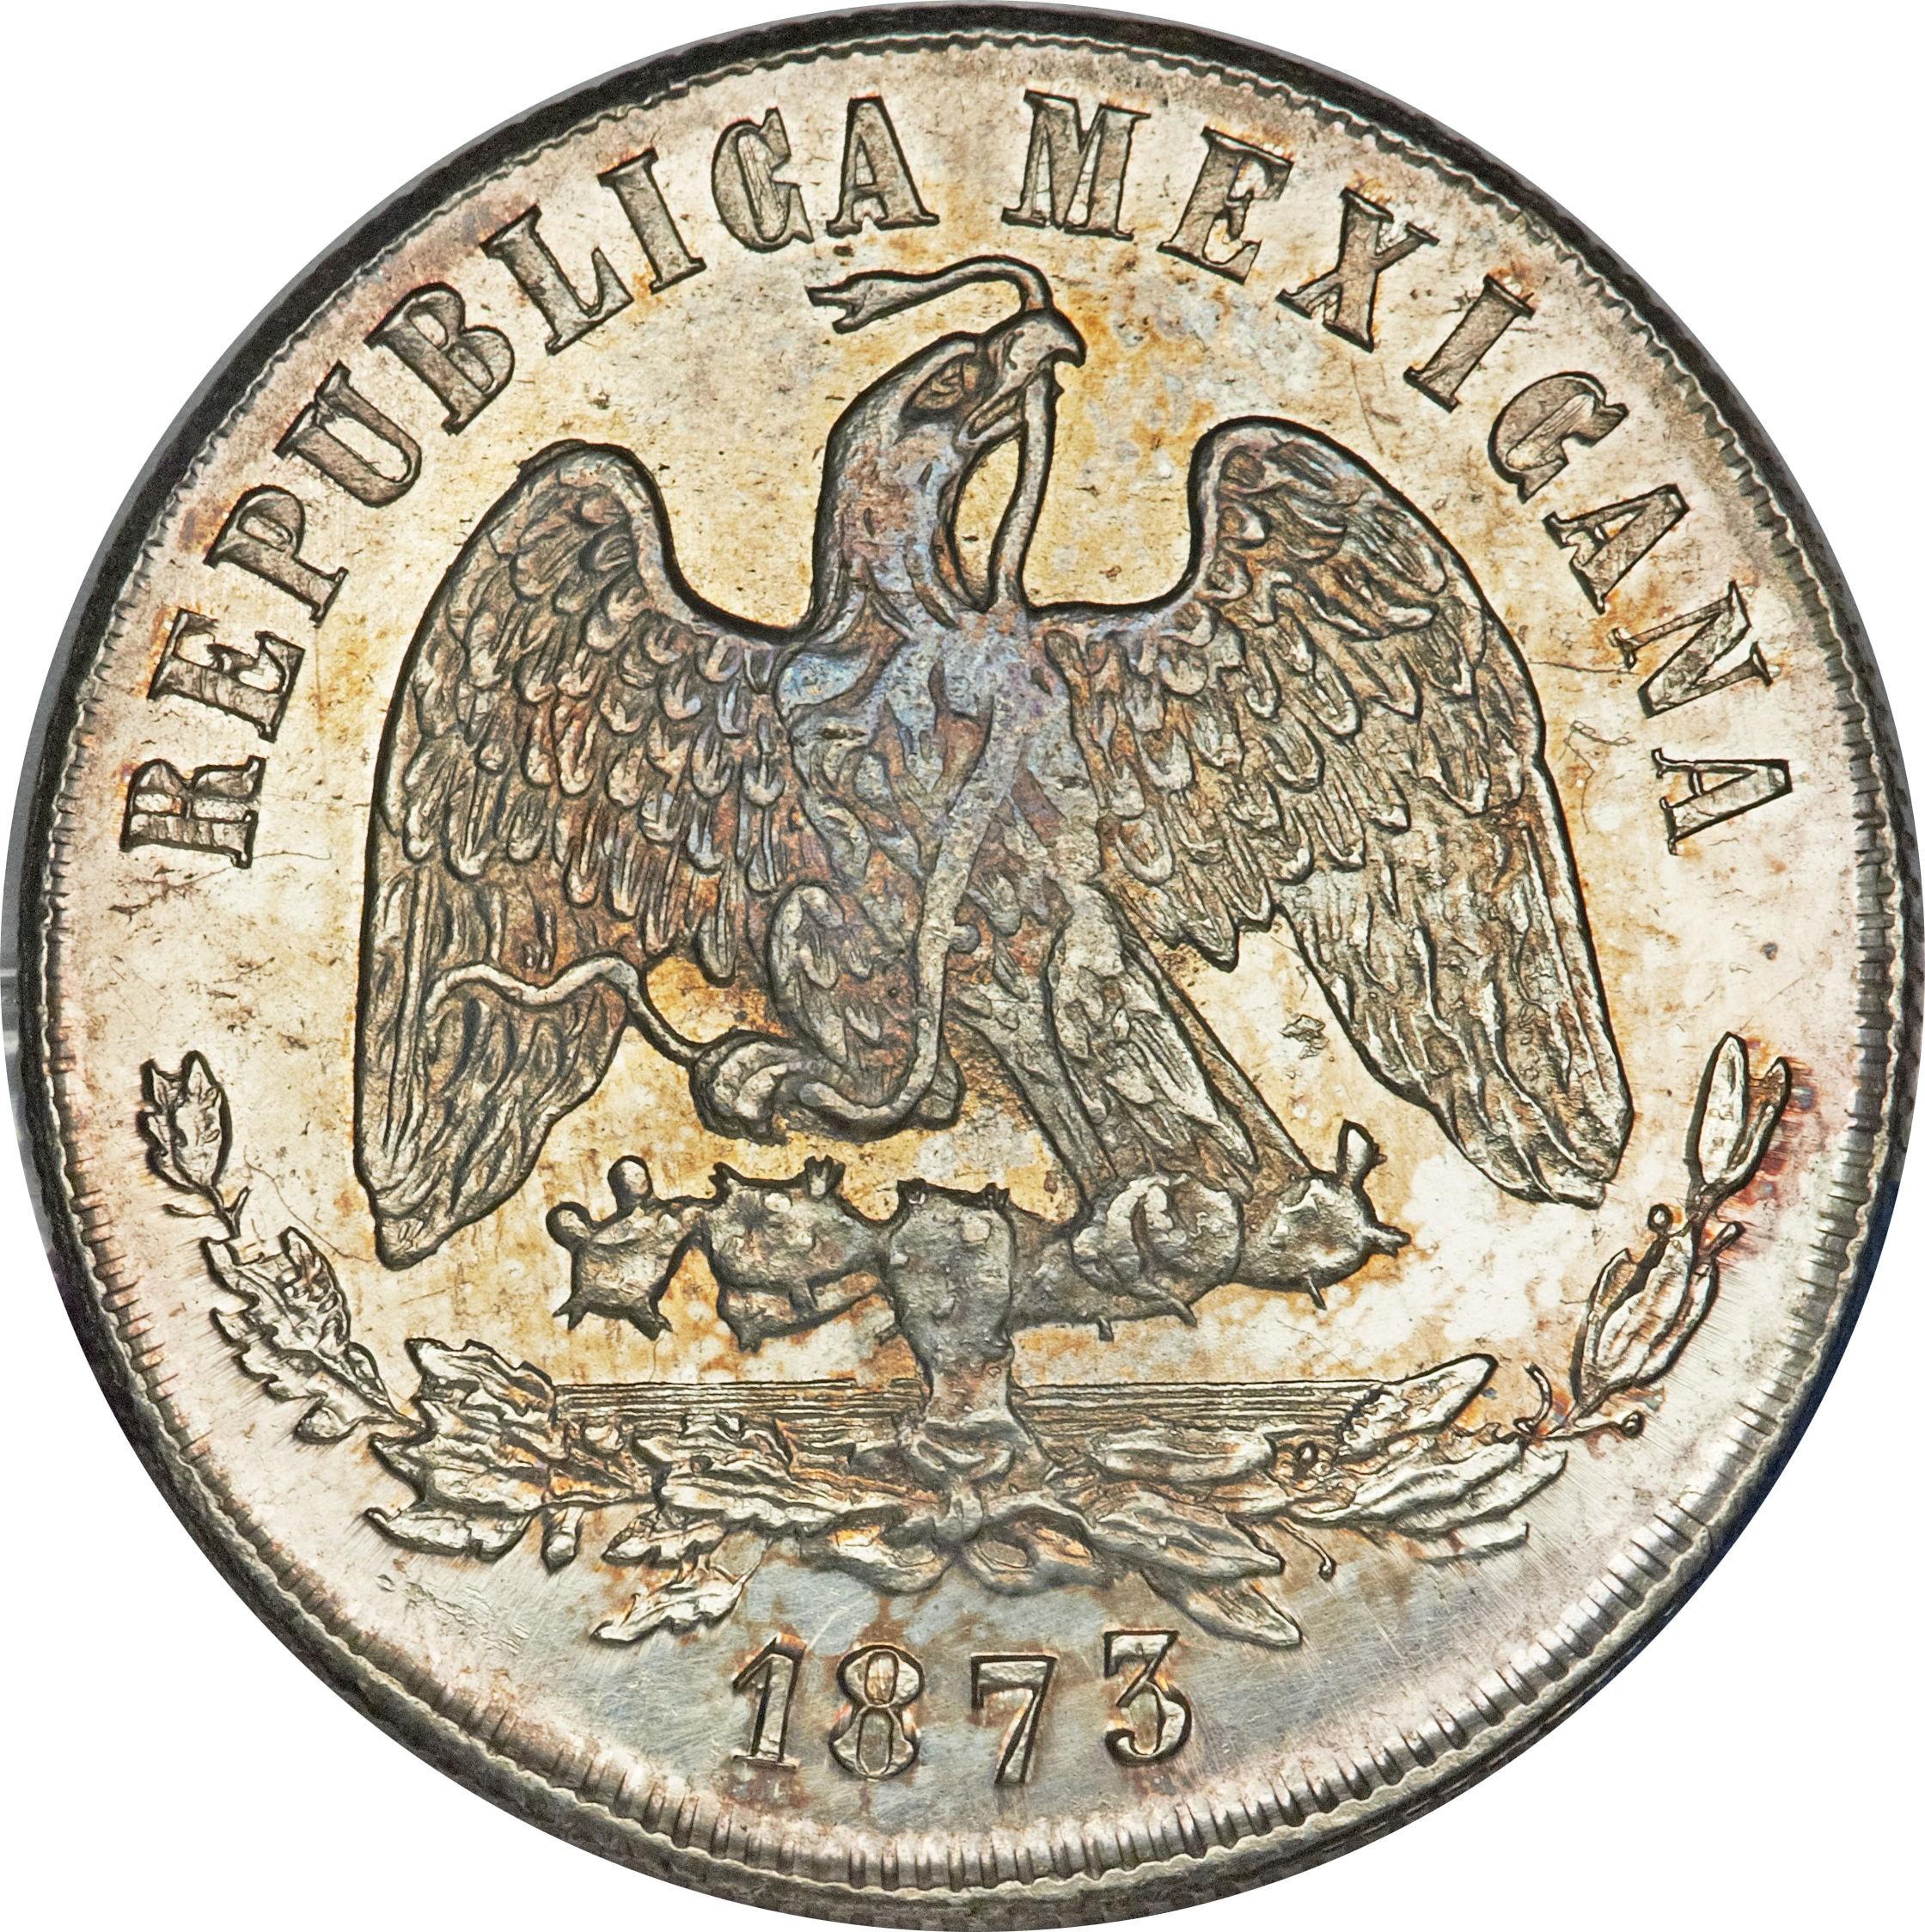 Mexico 1 Peso (1869-1873)